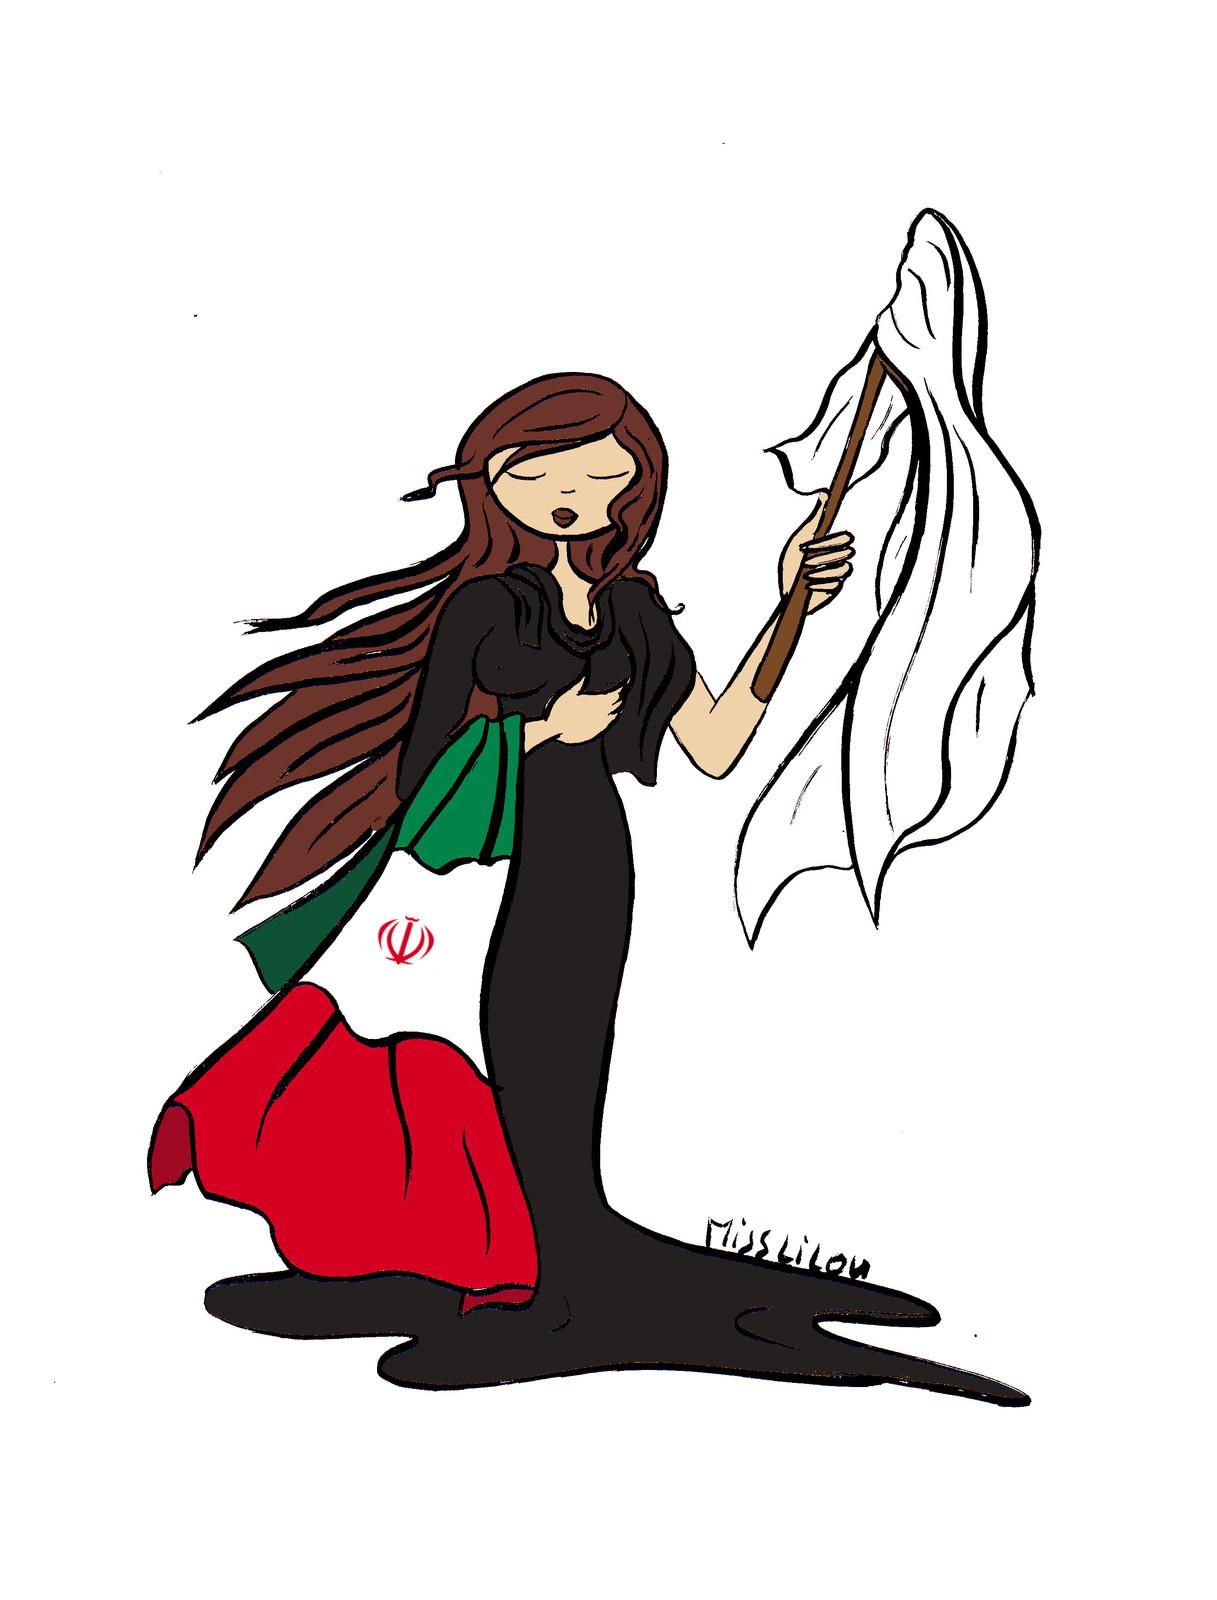 dessin humoristique d'une Iranienne qui enlève son voile islamique